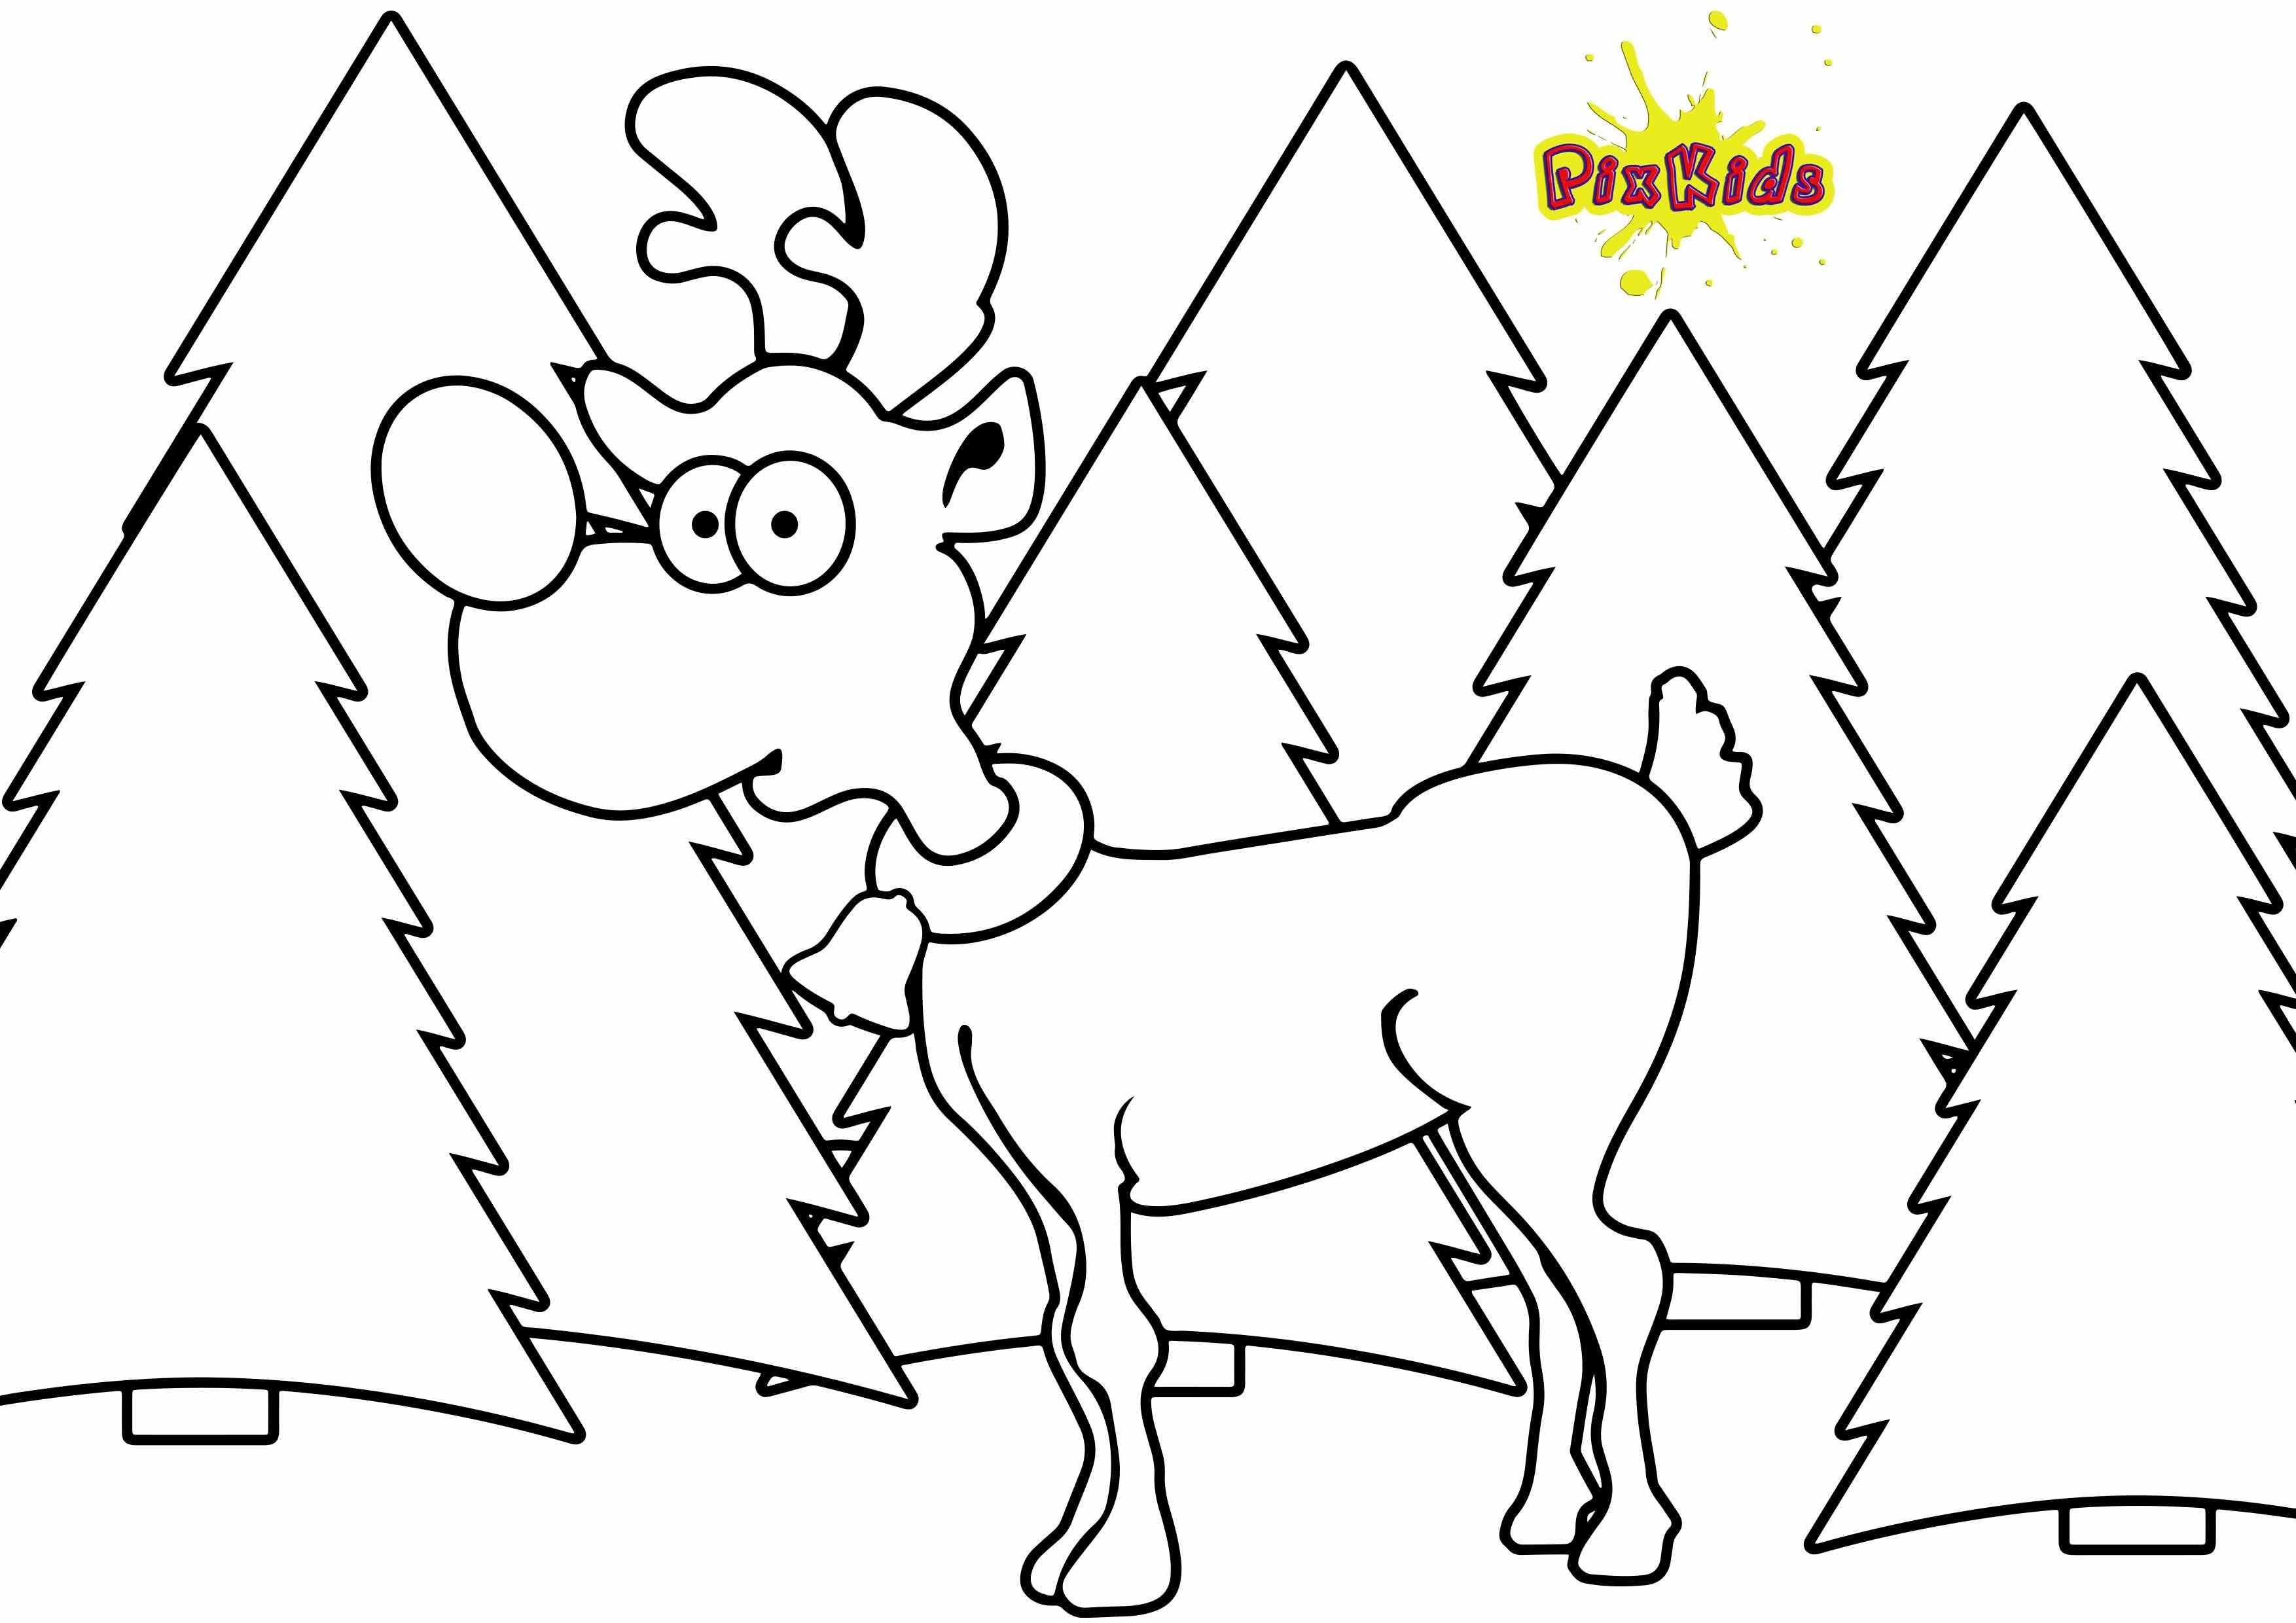 Ausmalbilder Weihnachten Rudolph Http Www Ausmalbilder Co Ausmalbilder Weihnachten Rudolph 2 Coloring Sheets Art Character